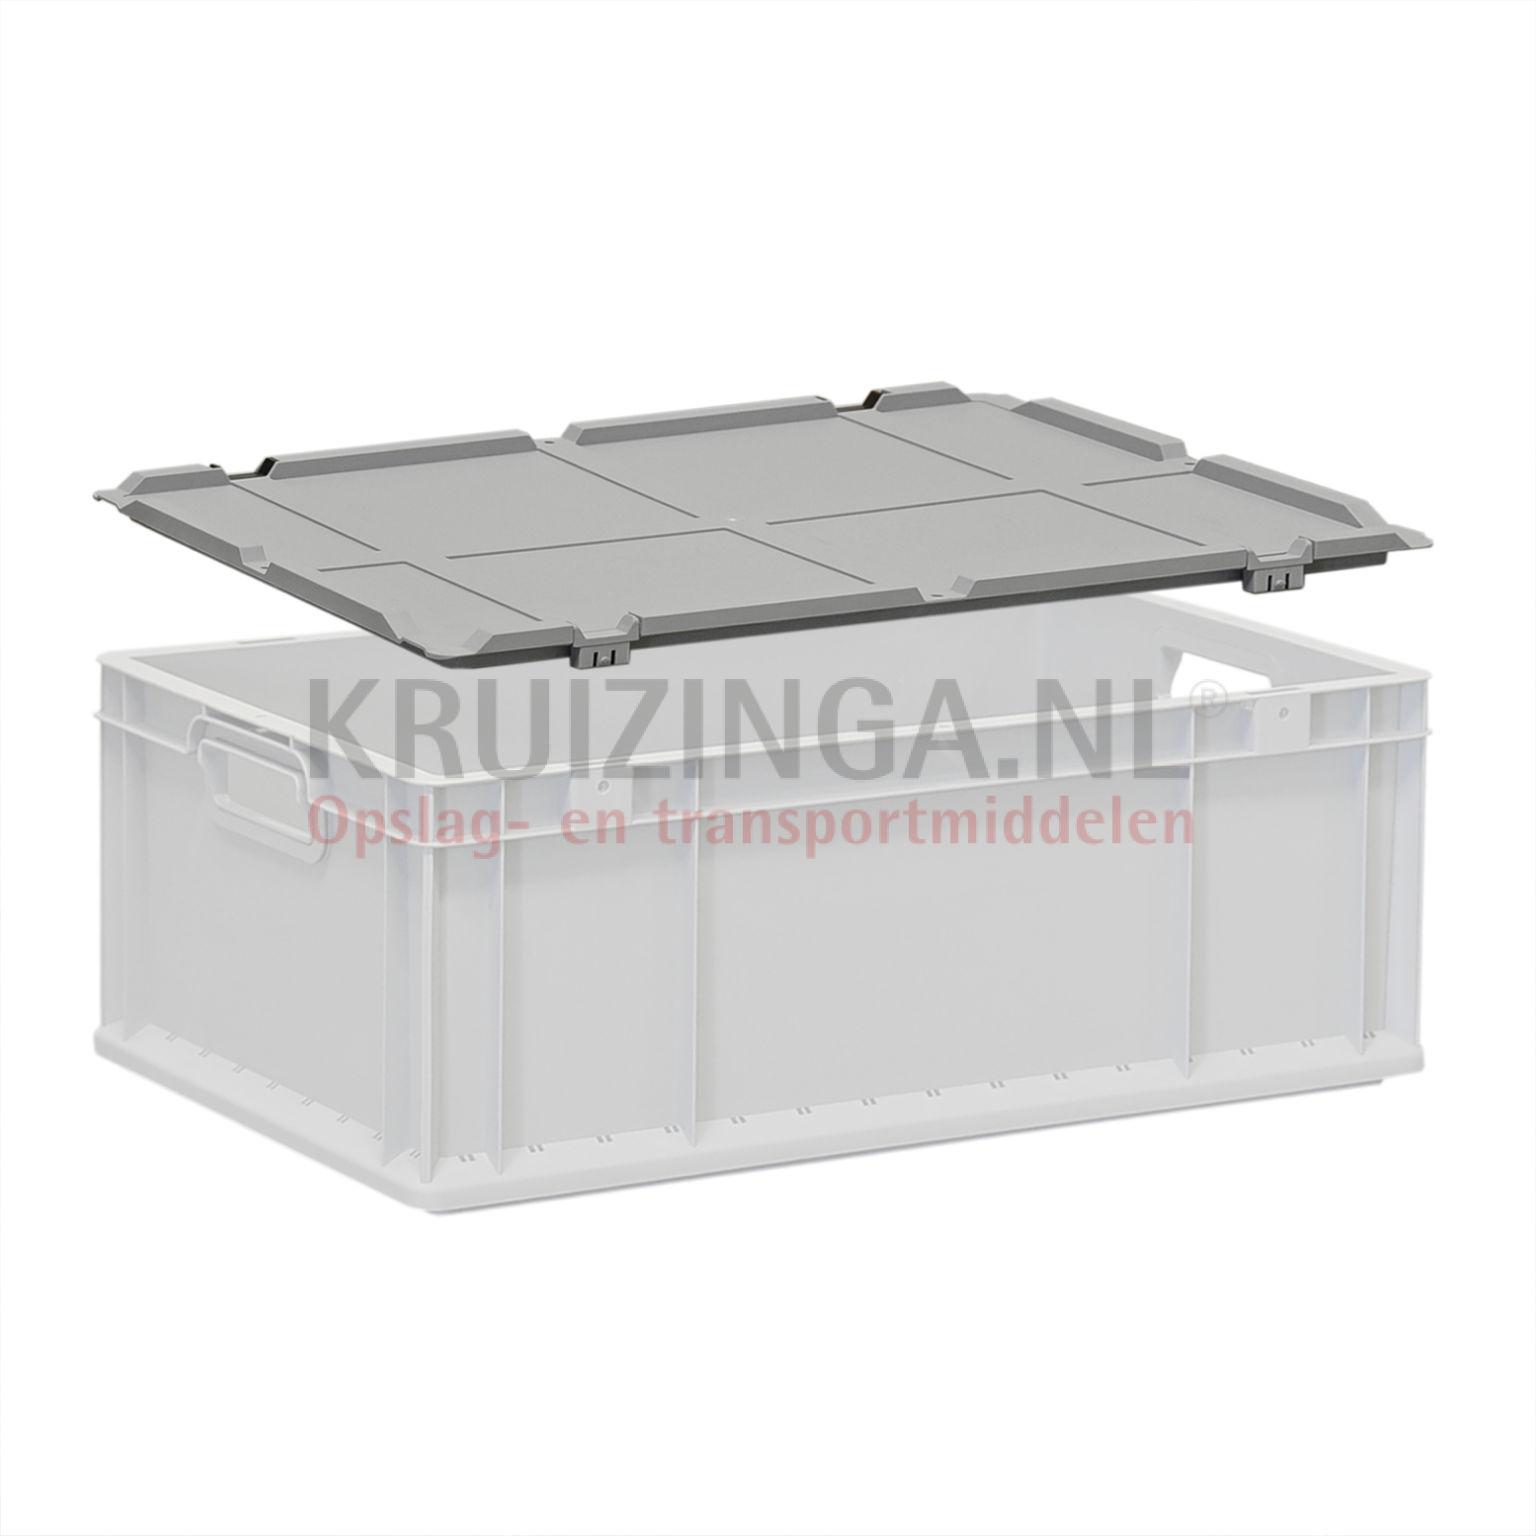 stapelboxen kunststoff zubeh r scharnierdeckel ab 6 35 frei haus. Black Bedroom Furniture Sets. Home Design Ideas